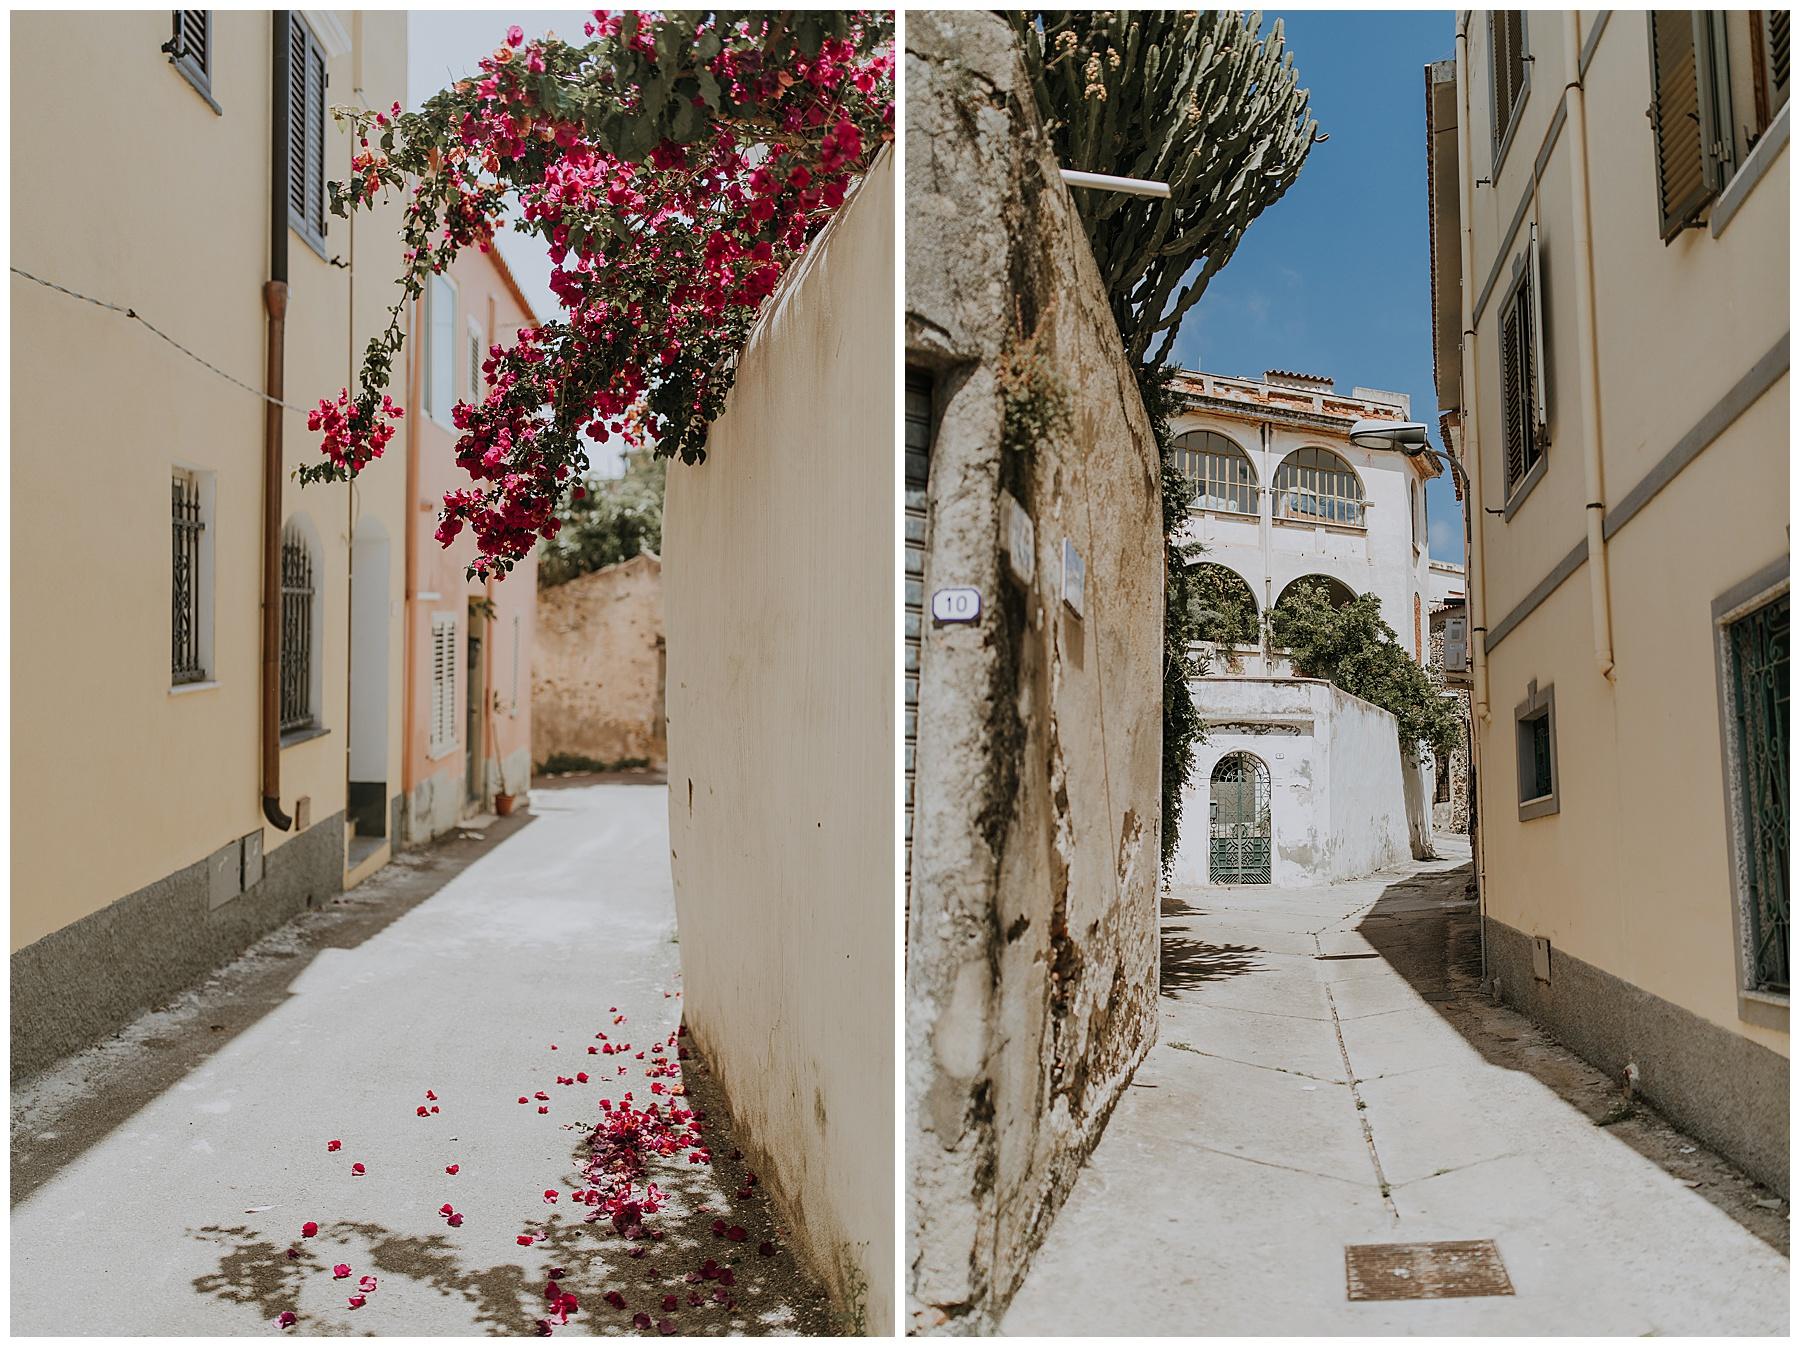 the bright streets of Orosei, Sardinia